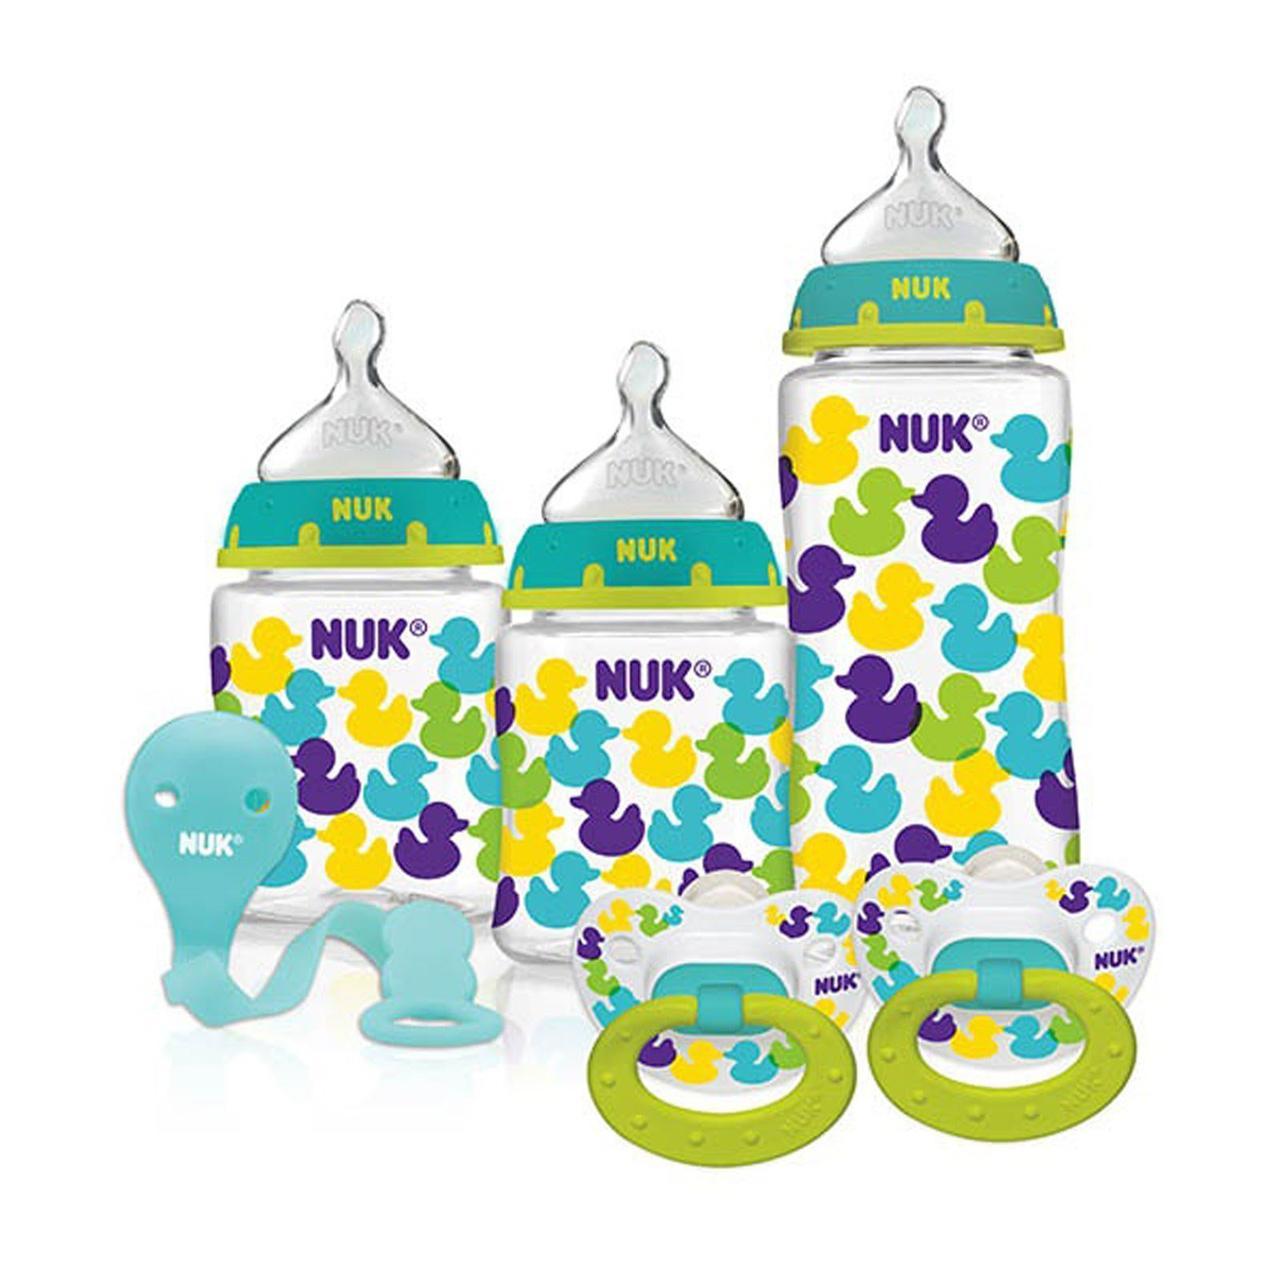 NUK, Набор бутылочек с комфортными для ребенка сосками Perfect Fit и пустышкой в подарок, узор в виде уточек, с 0 месяцев, 1 набор